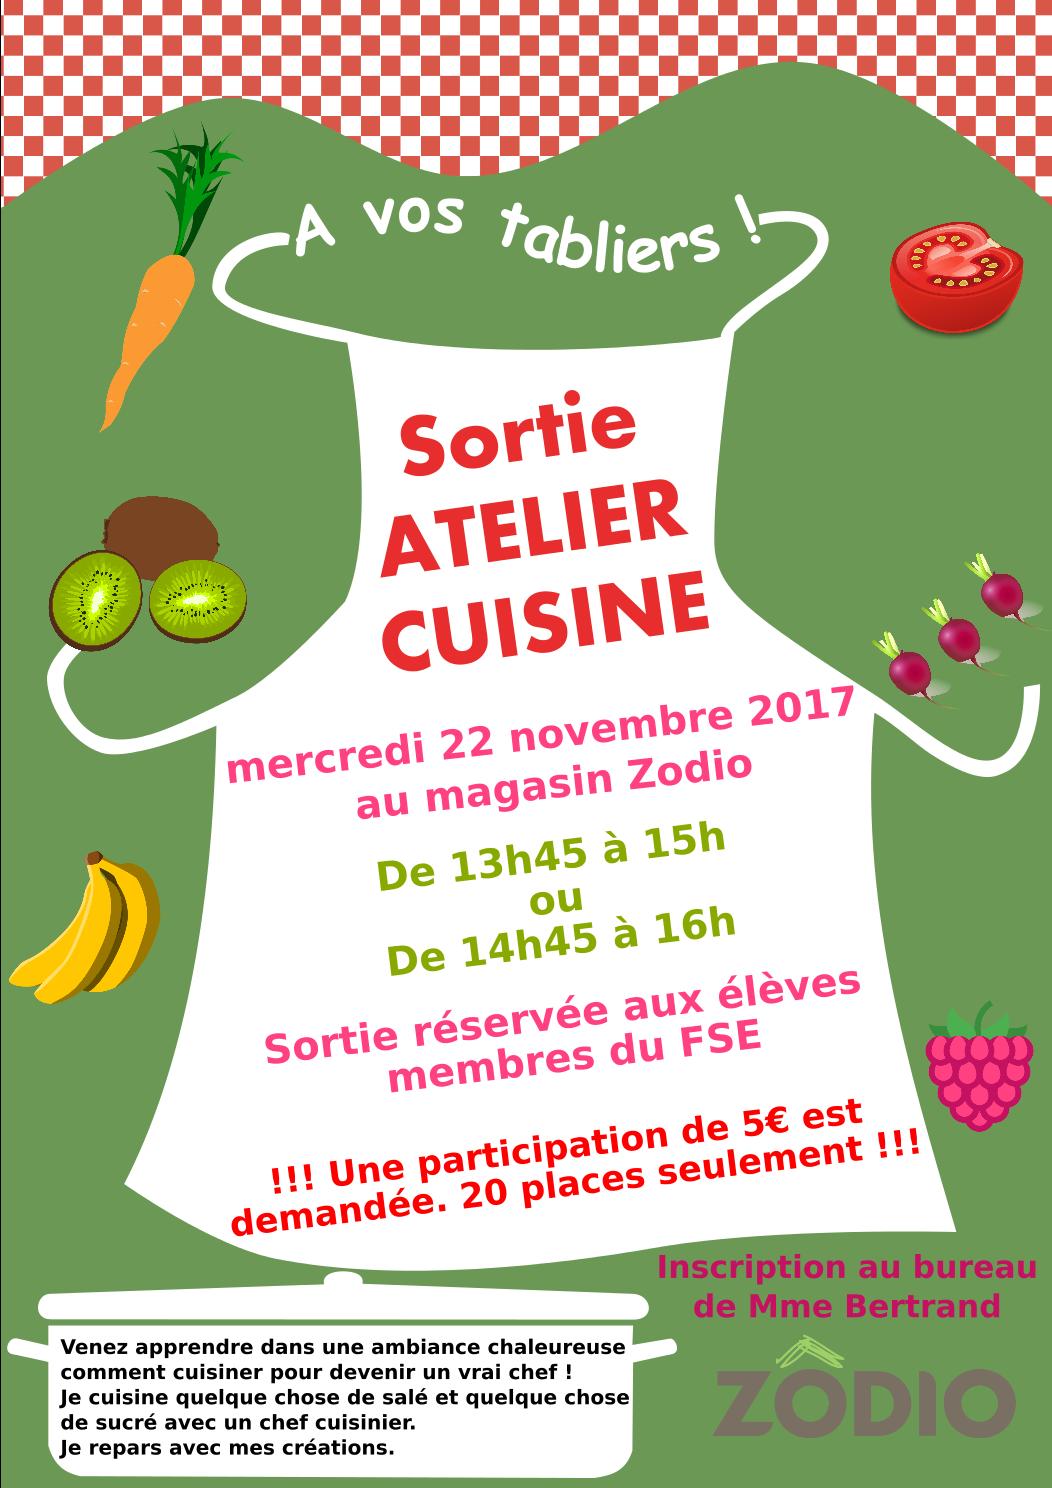 Fse Sortie Atelier Cuisine Mercredi 22 Novembre Au Magasin Zodio